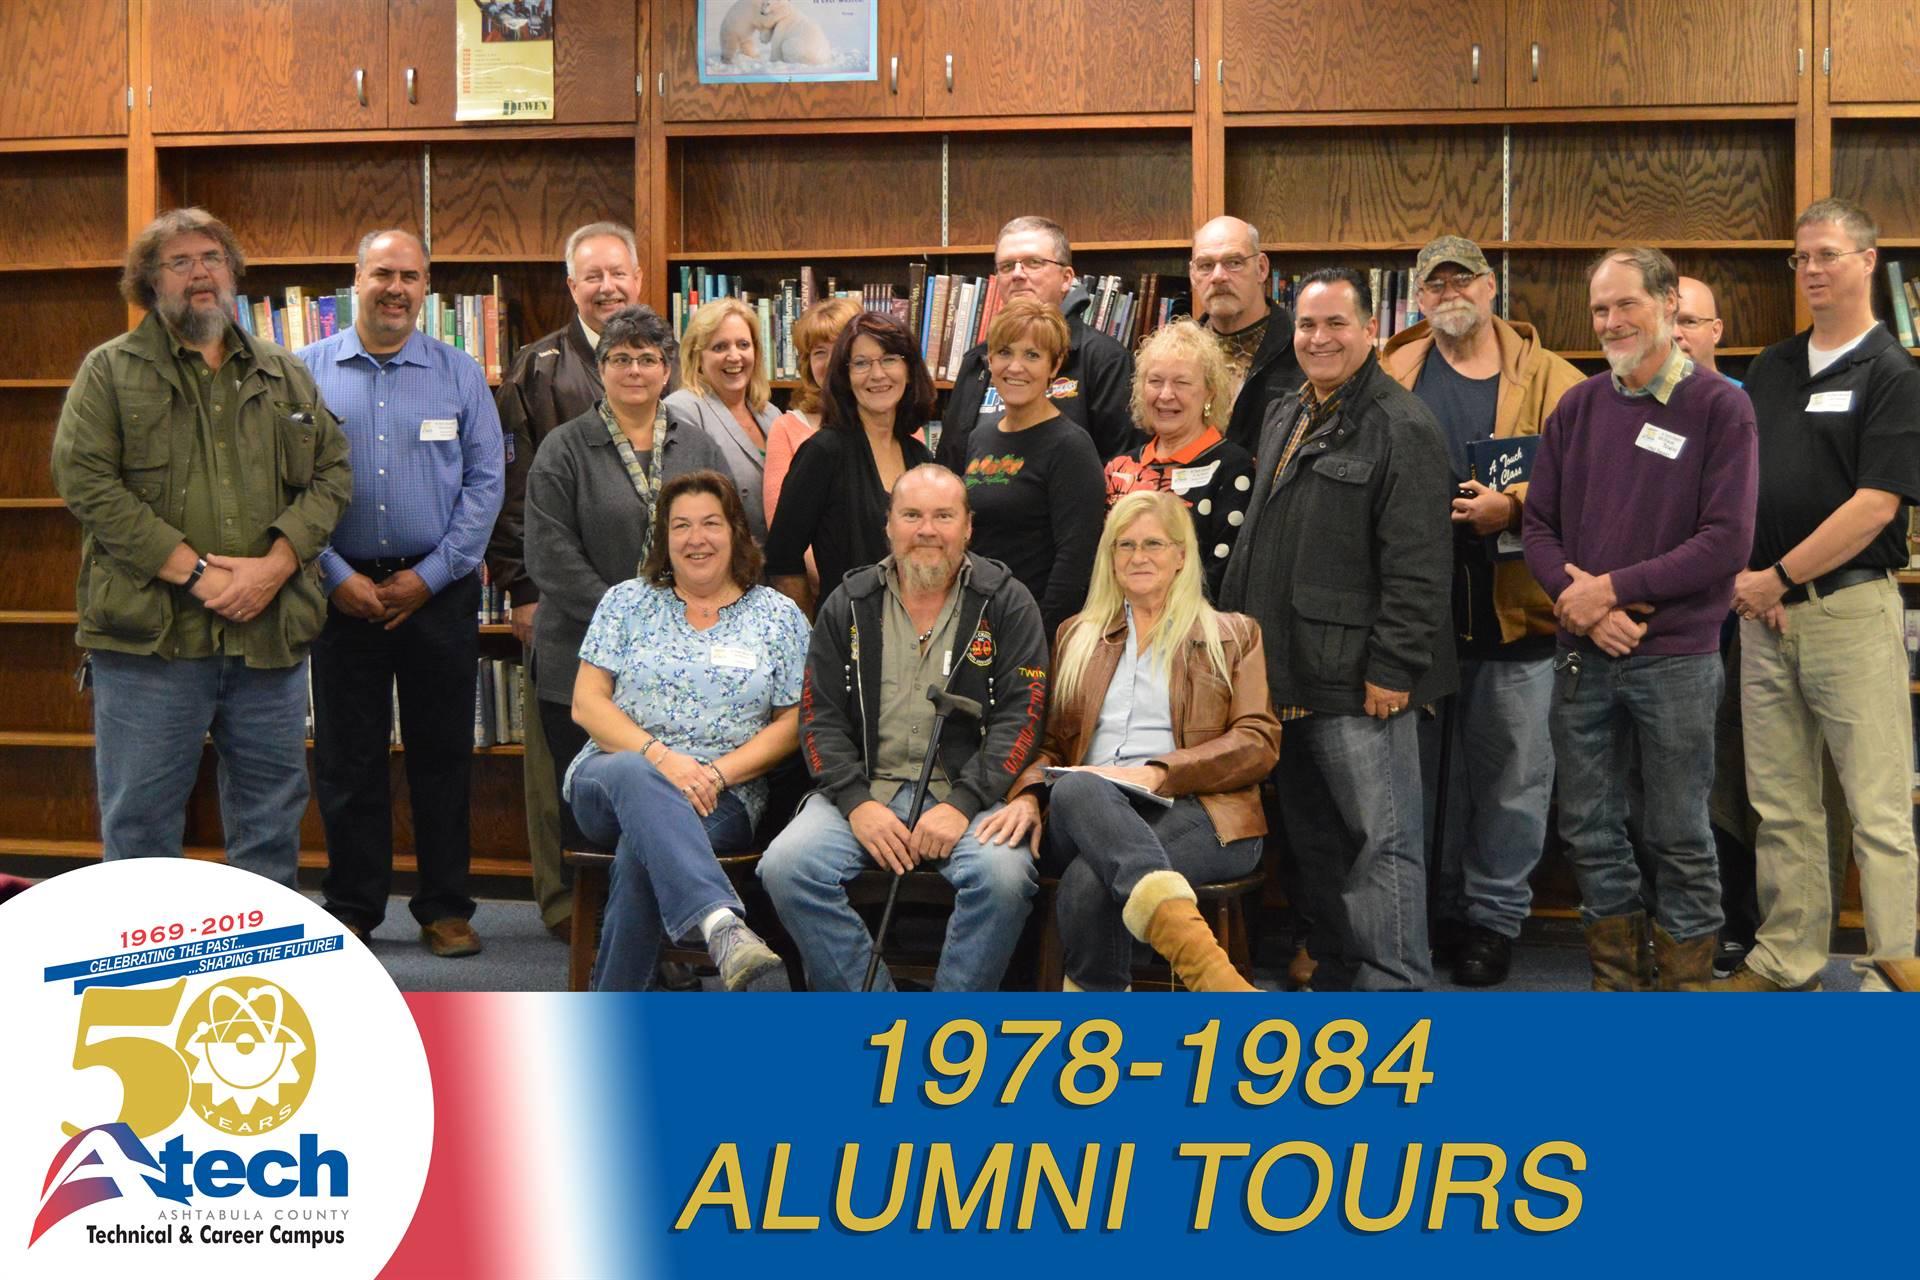 1978 - 1984 Alumni Photo